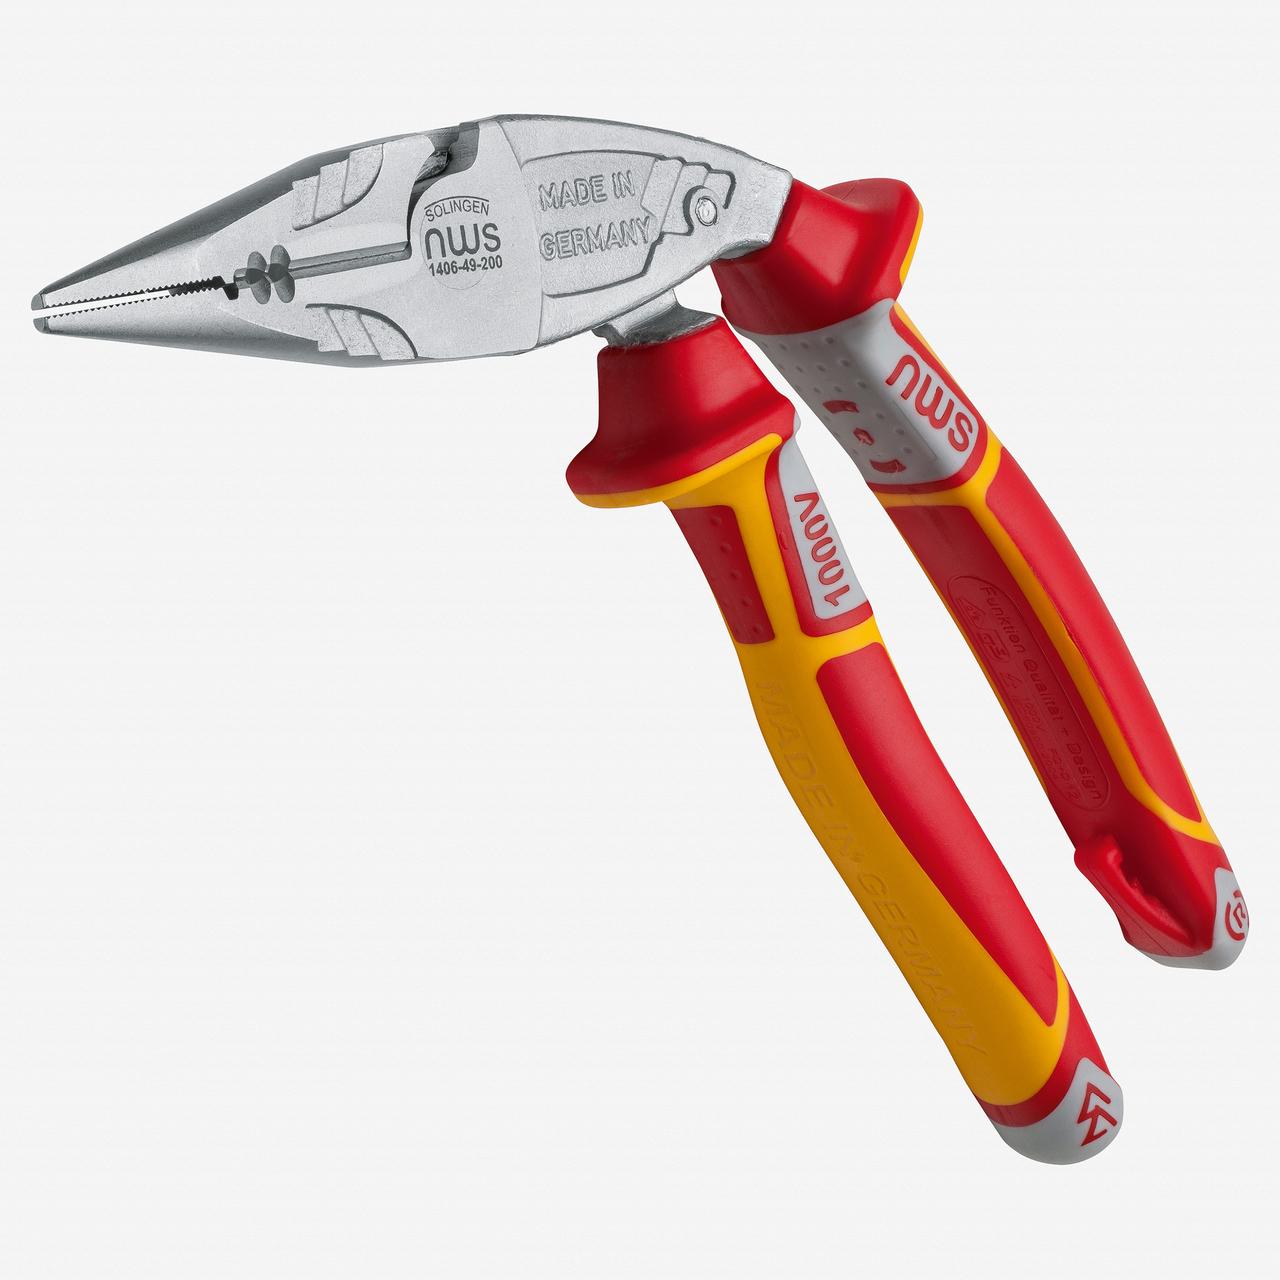 """NWS 1406-49-VDE-200 8"""" Ergonomical Electrician's Pliers ErgoMulti VDE - Matte Chromium - SoftGripp - KC Tool"""